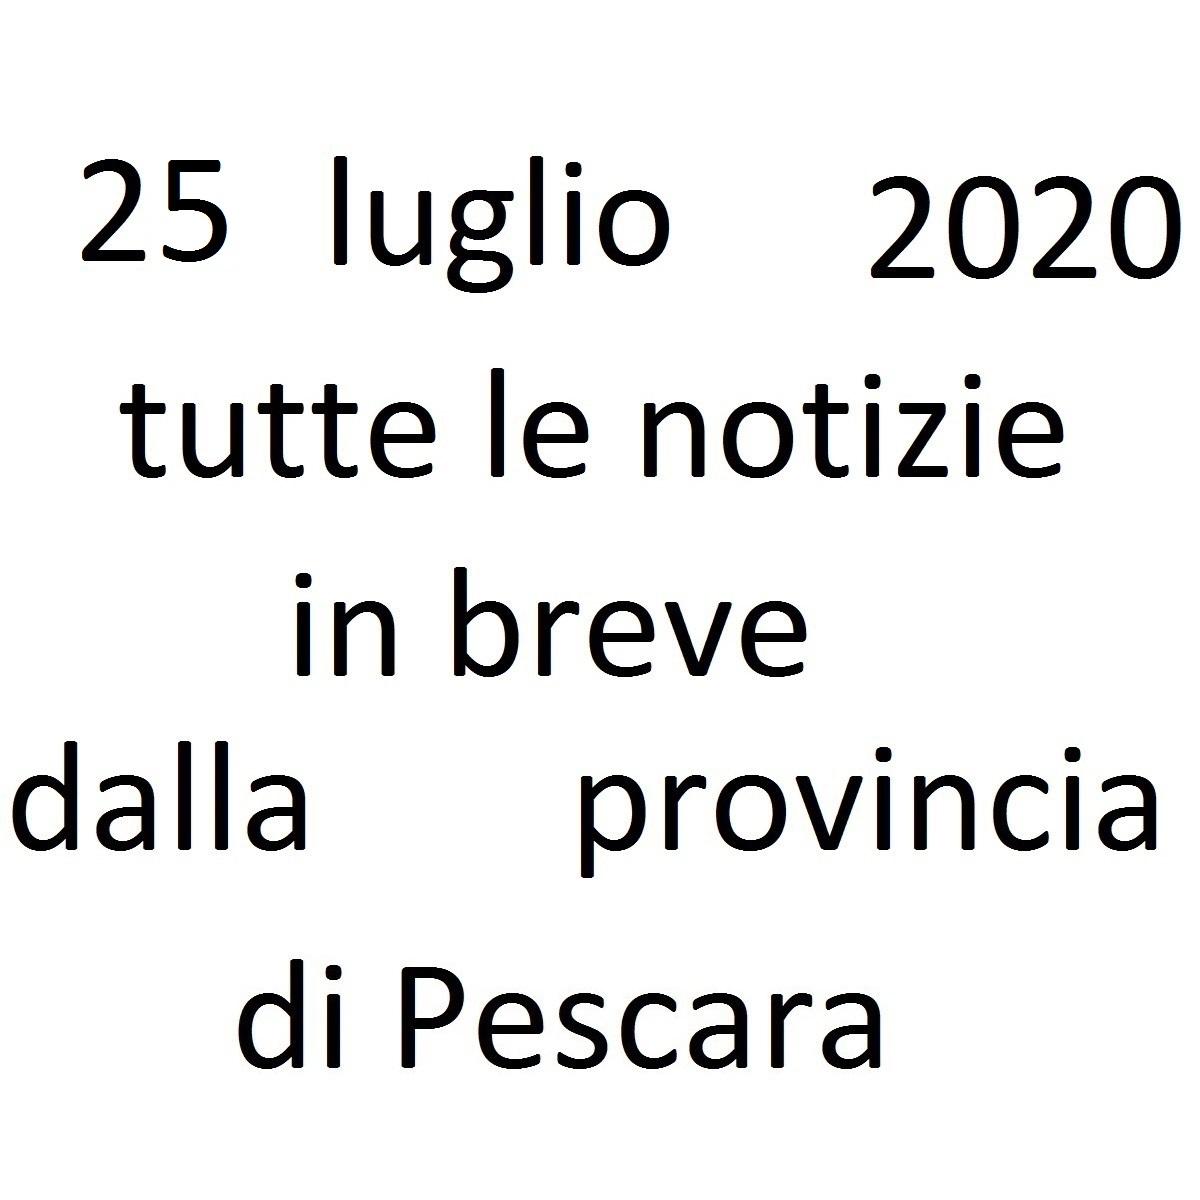 25 luglio 2020 notizie in breve dalla Provincia di Pescara foto